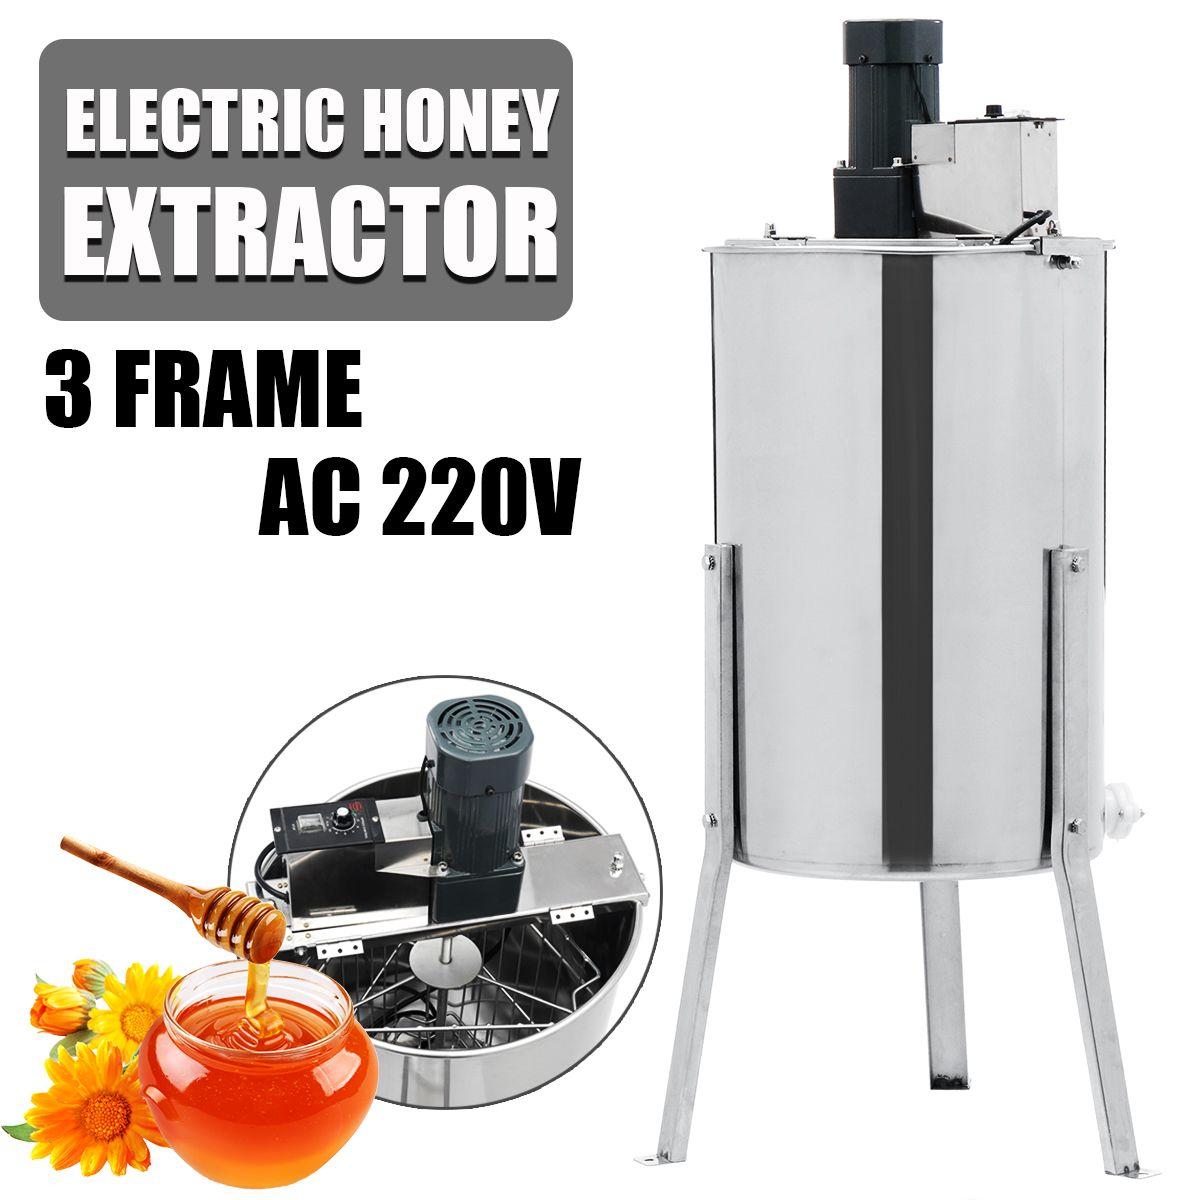 3 rahmen Elektrische Honig Extractor Edelstahl Bienenzucht Maschine Werkzeug Box Honig Extractor Liefert Bienenzucht Ausrüstung